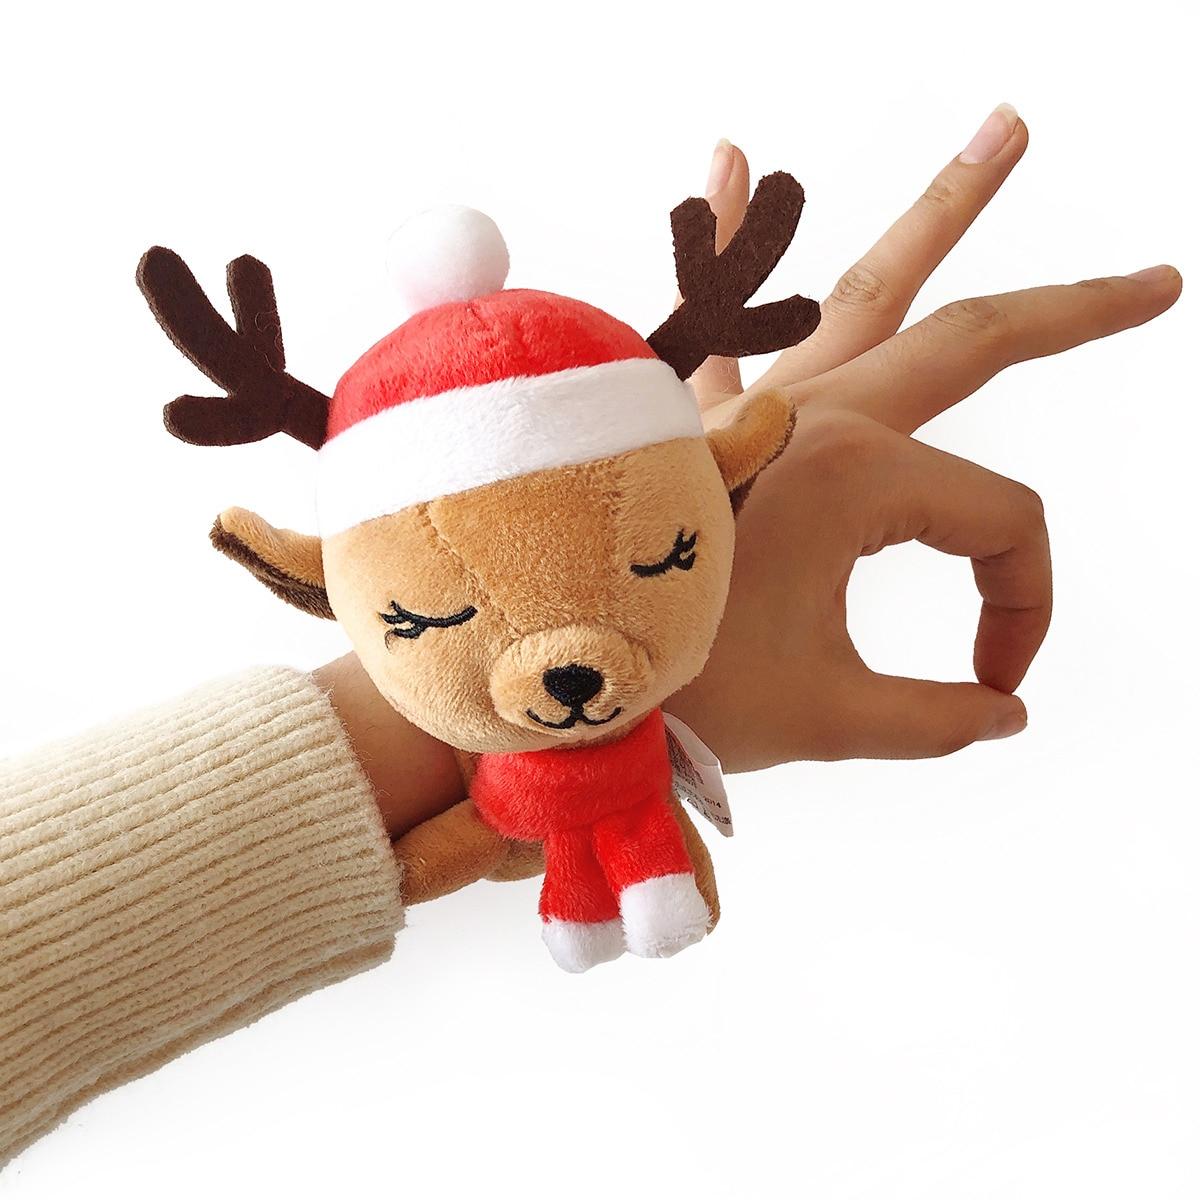 Navidad de alta calidad de peluche de Santa Claus juguetes de peluche muñeco de nieve kawaii elk animal de dibujos animados lucky doll mini mano regla de juguete regalo de Navidad